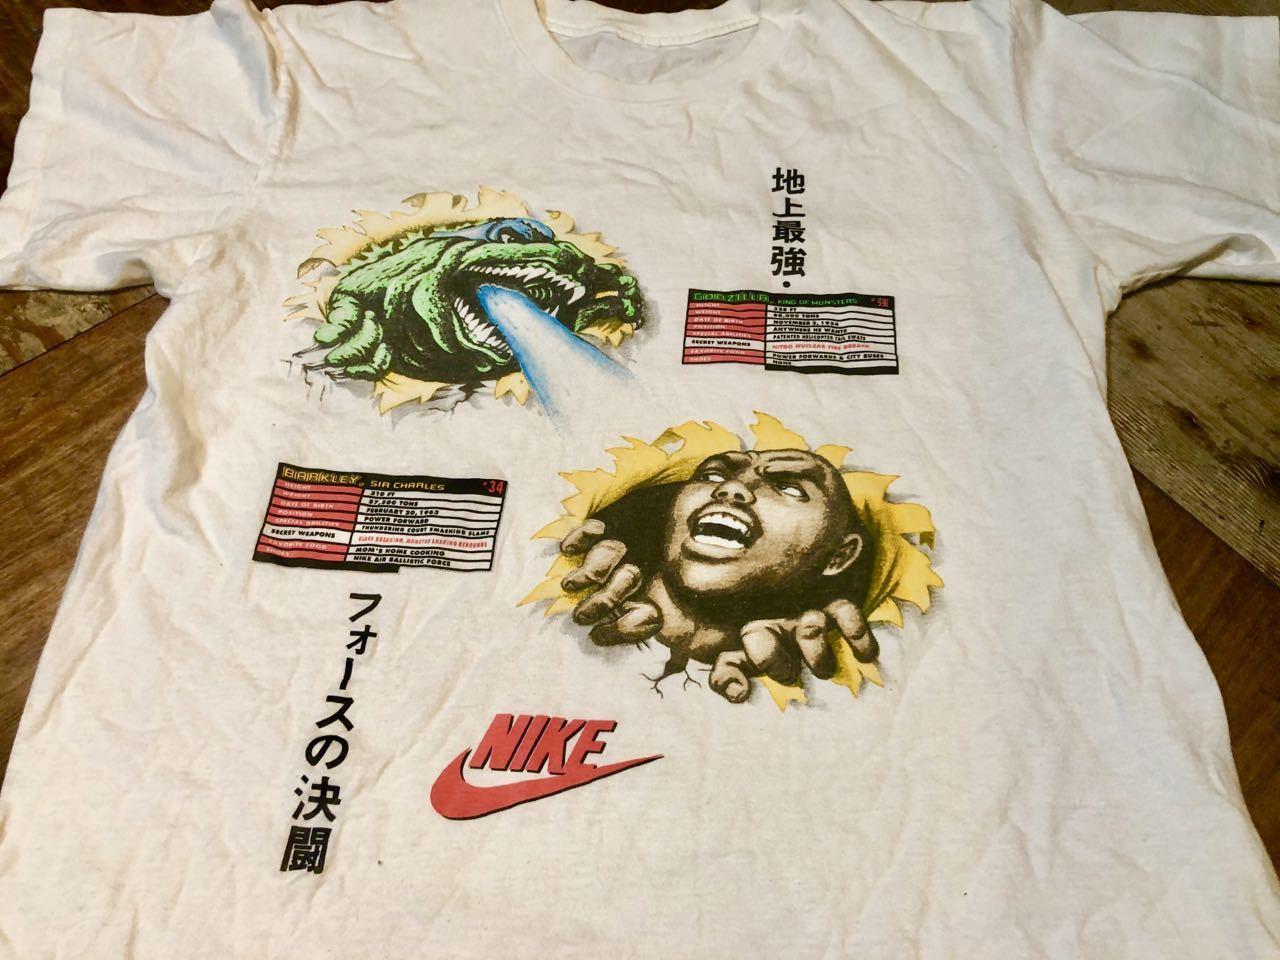 6月13日(土)入荷!1992年 90s NIKE GODZILLA ゴジラ BARKLEY AIRFORCE  Tシャツ!_c0144020_13482755.jpg